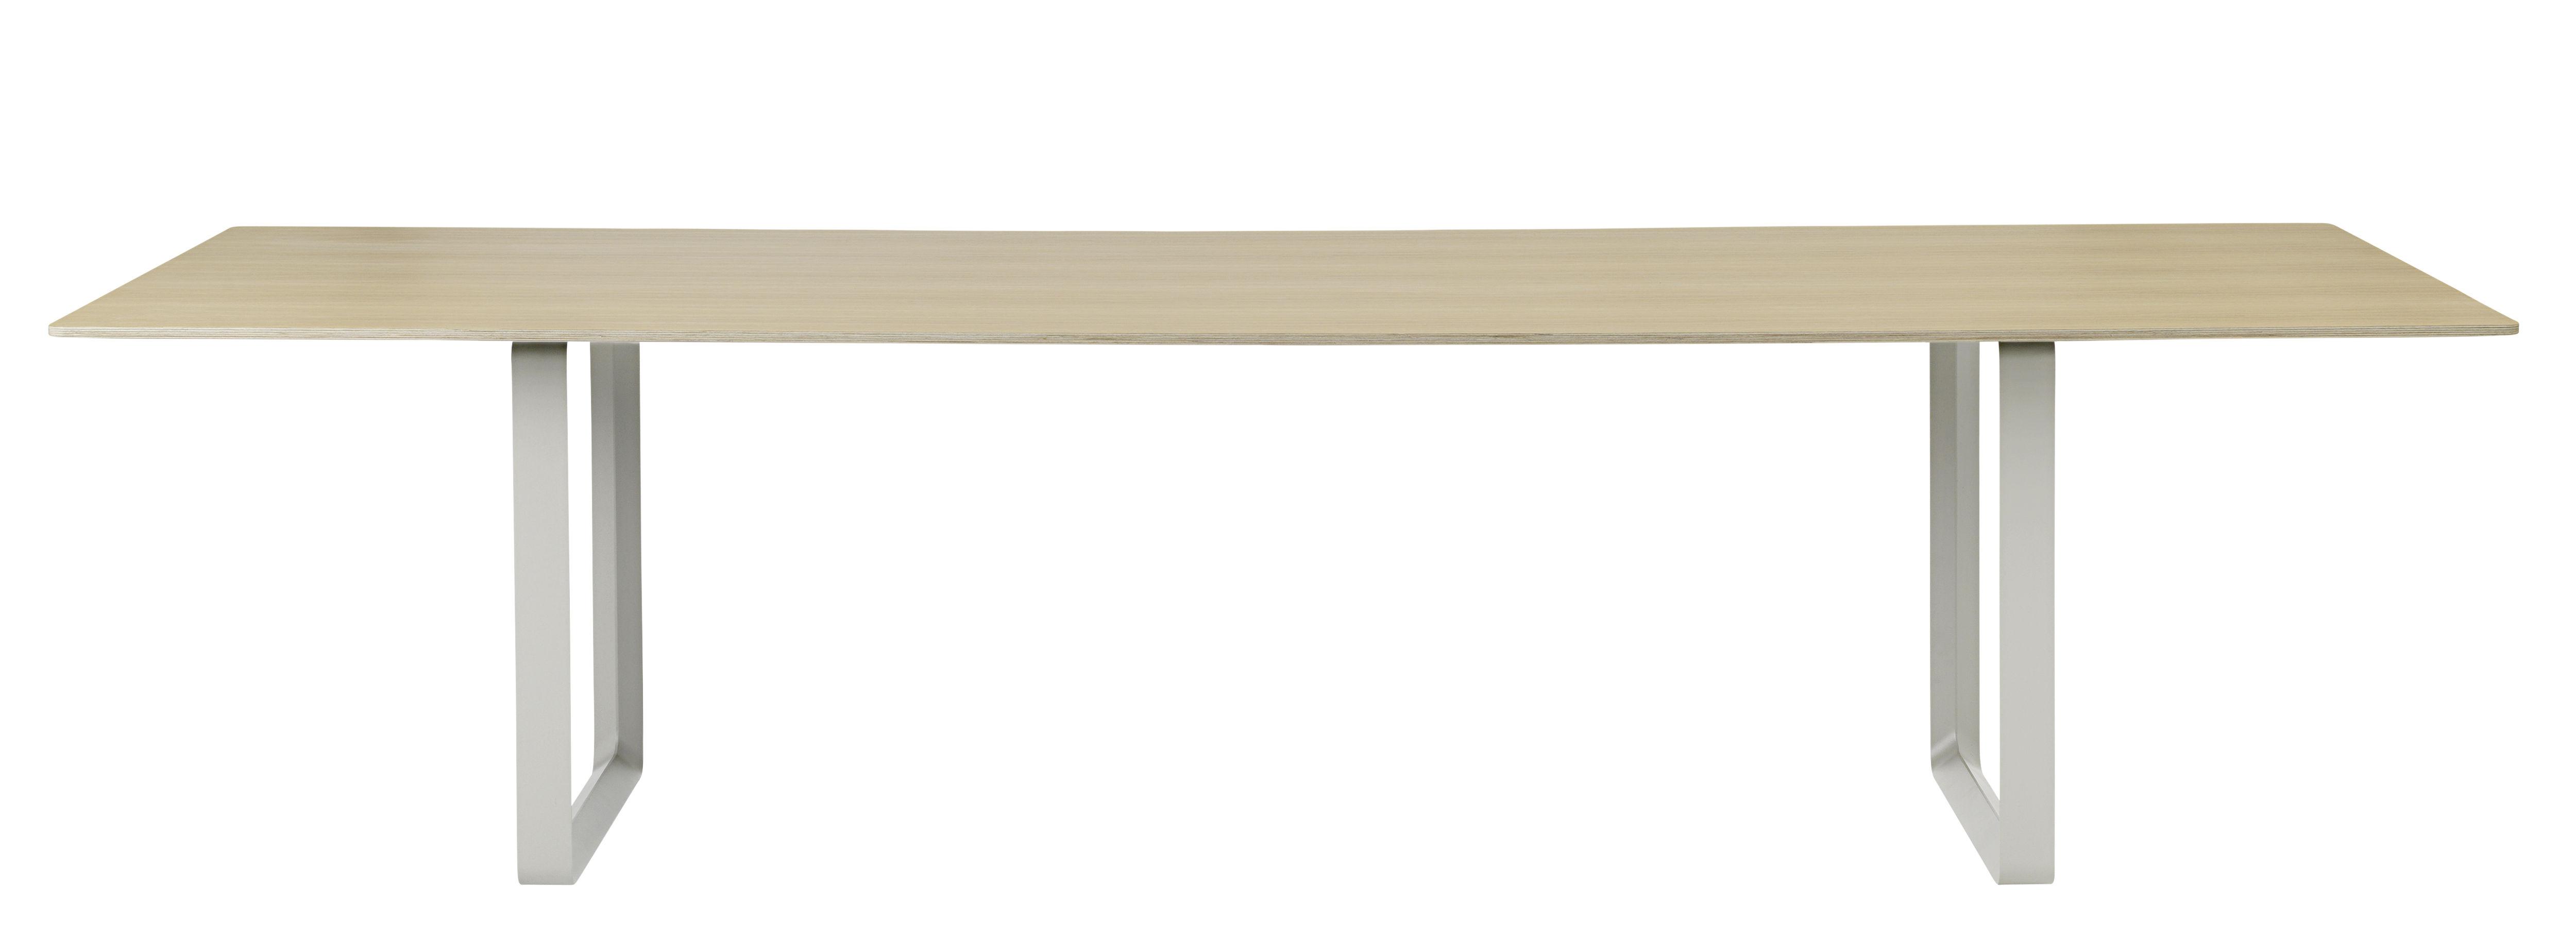 Möbel - Tische - 70-70 XXL Tisch / 295 x 108 cm - Muuto - Eiche / Stuhlbeine grau - Aluminium, Eiche, Furnier